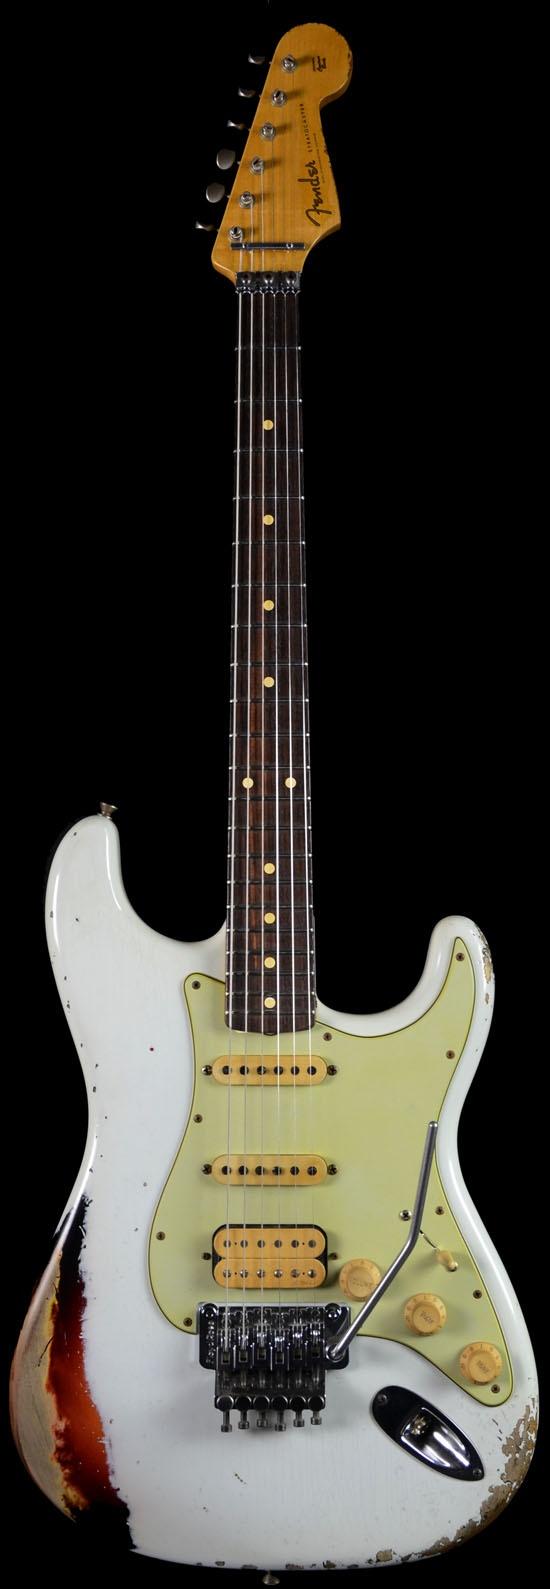 Wild West Guitars : Fender 1960 White Lightning Strat Relic Oly White Over 3 Tone Sunburst Floyd Rose.